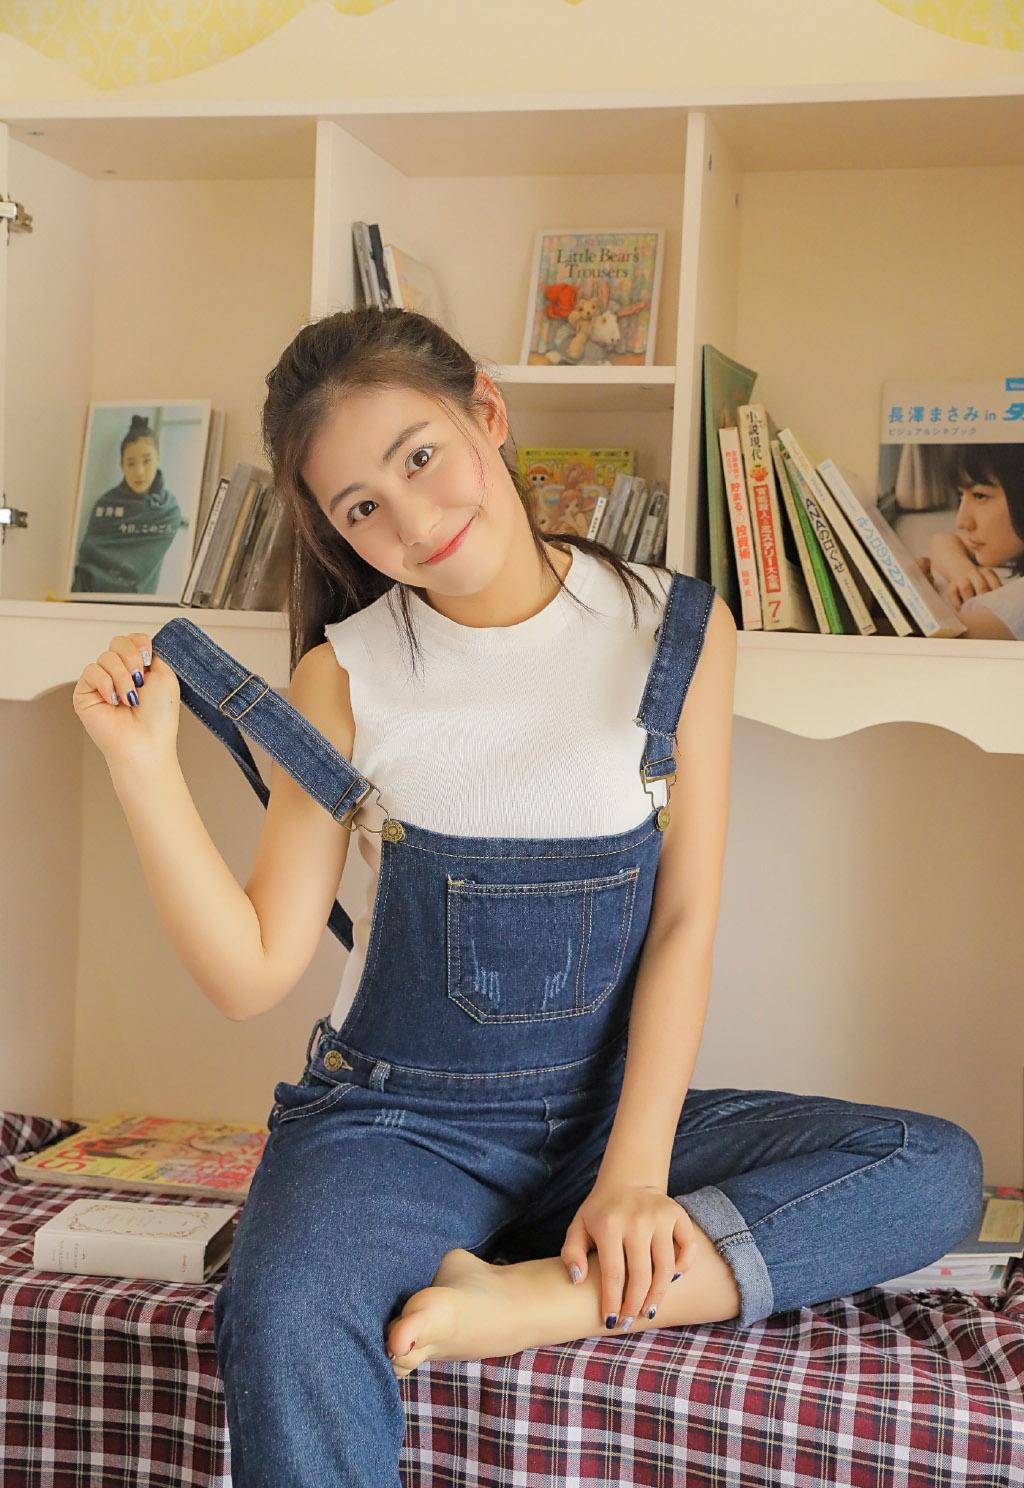 清纯可爱女生格子吊带唯美性感写真